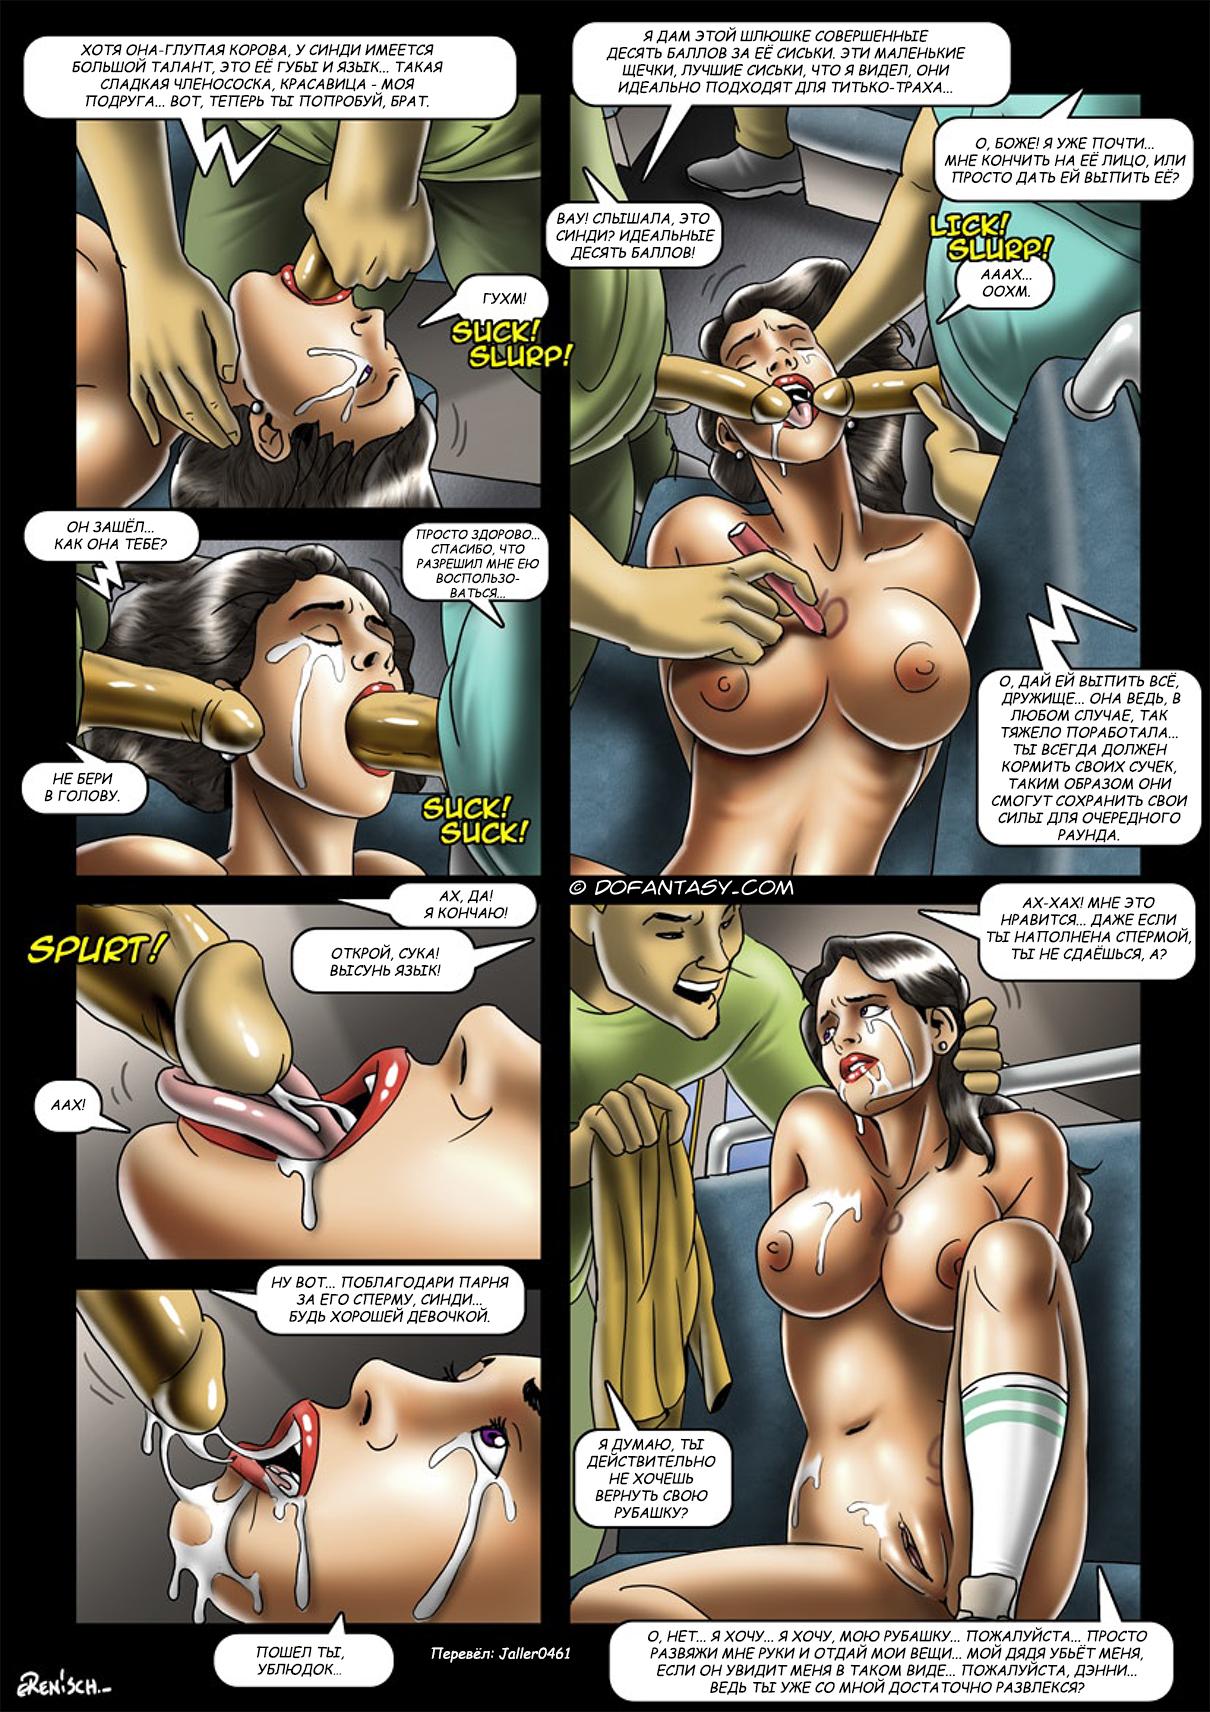 Рассказы мужиков о сексе с коровой фото 589-50